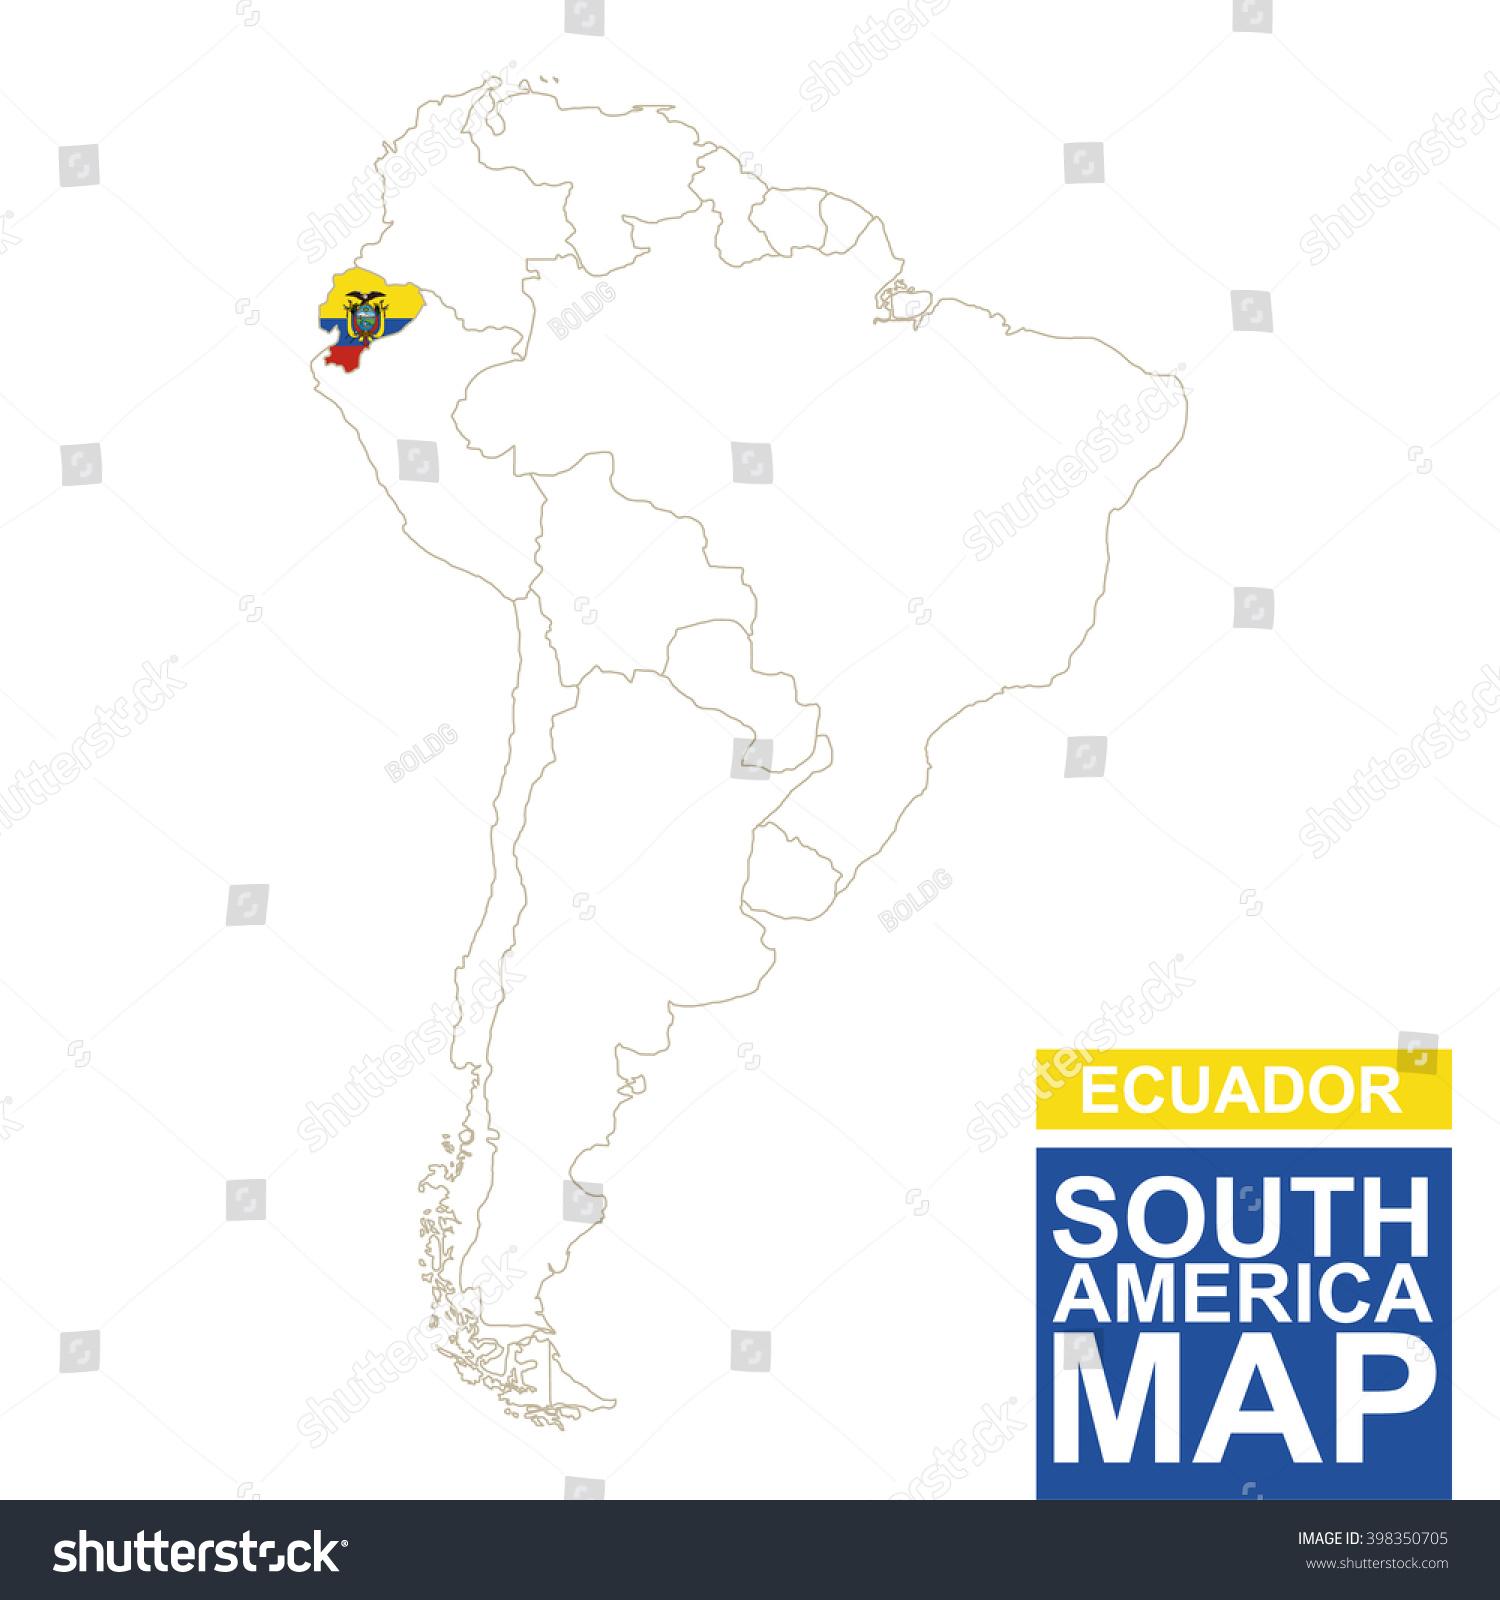 South America Map Ecuador.South America Contoured Map Highlighted Ecuador Stock Vector